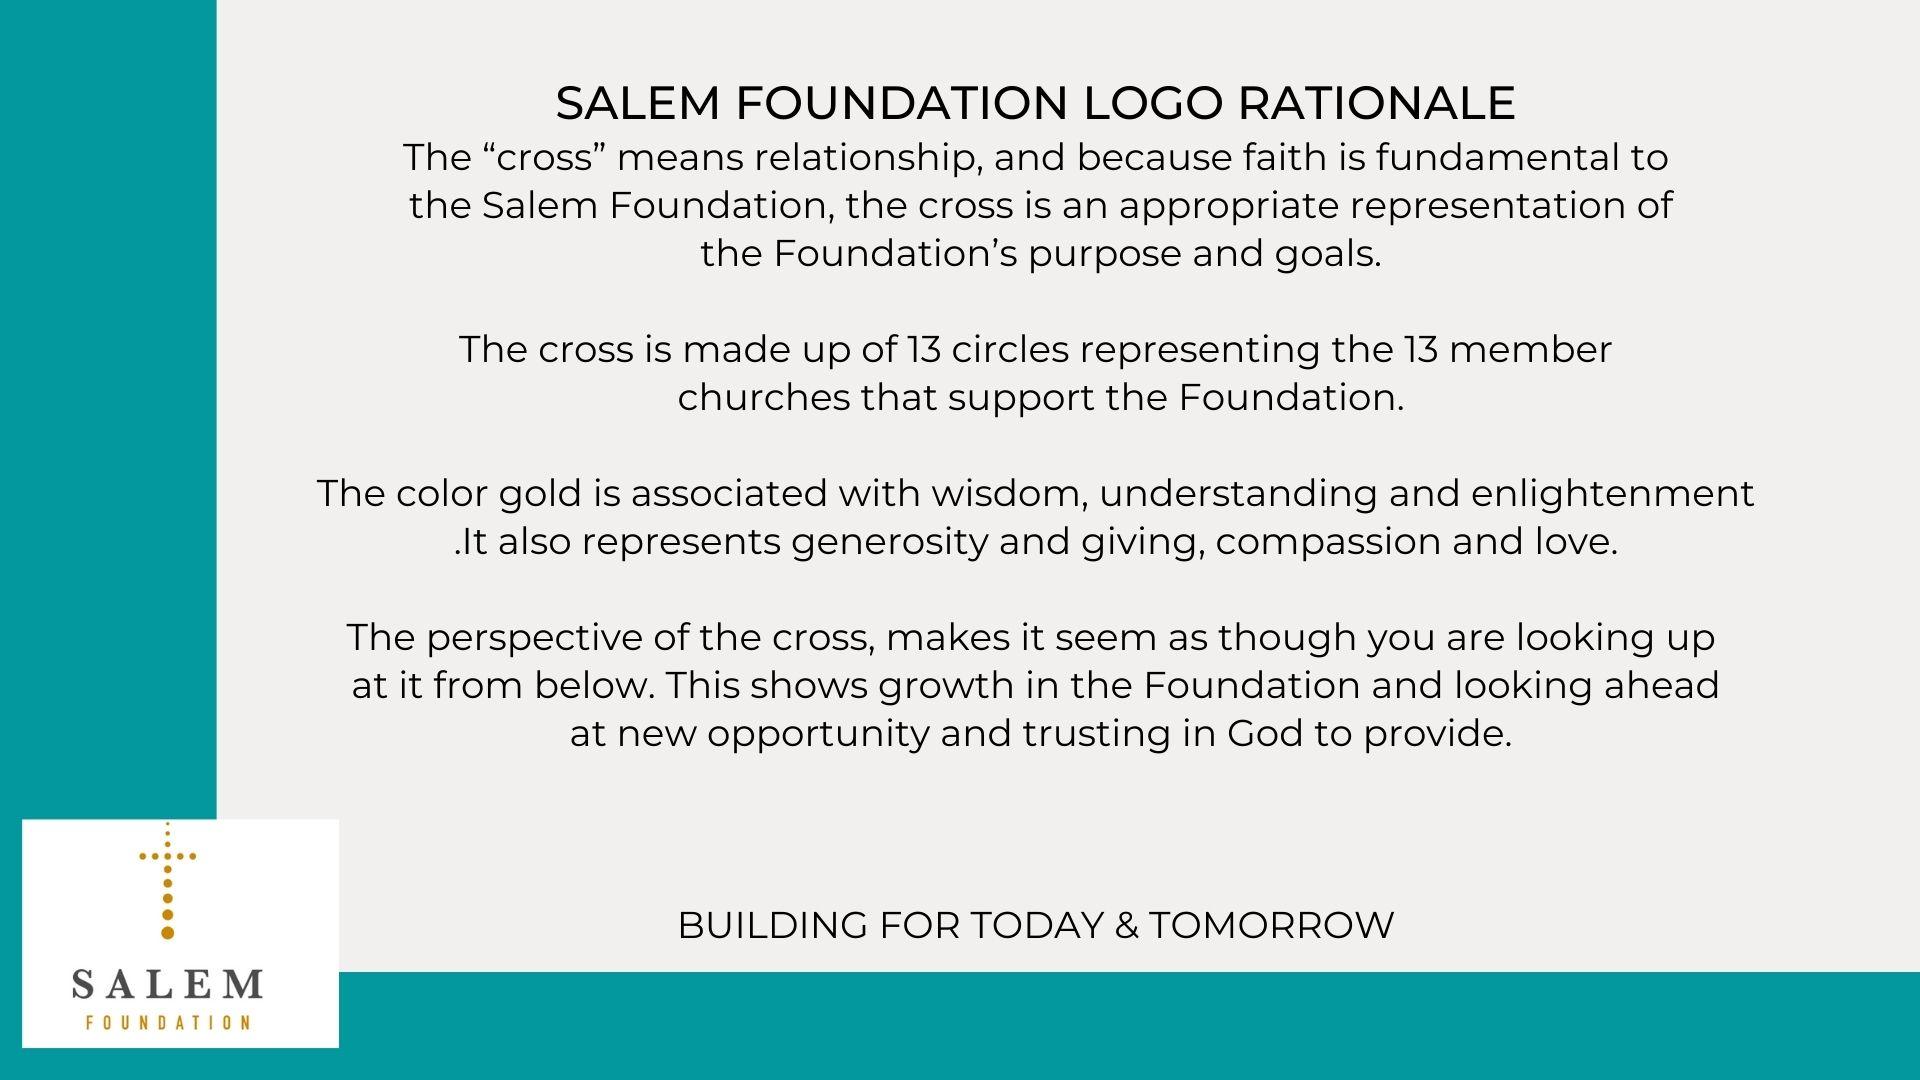 history of Salem Foundation